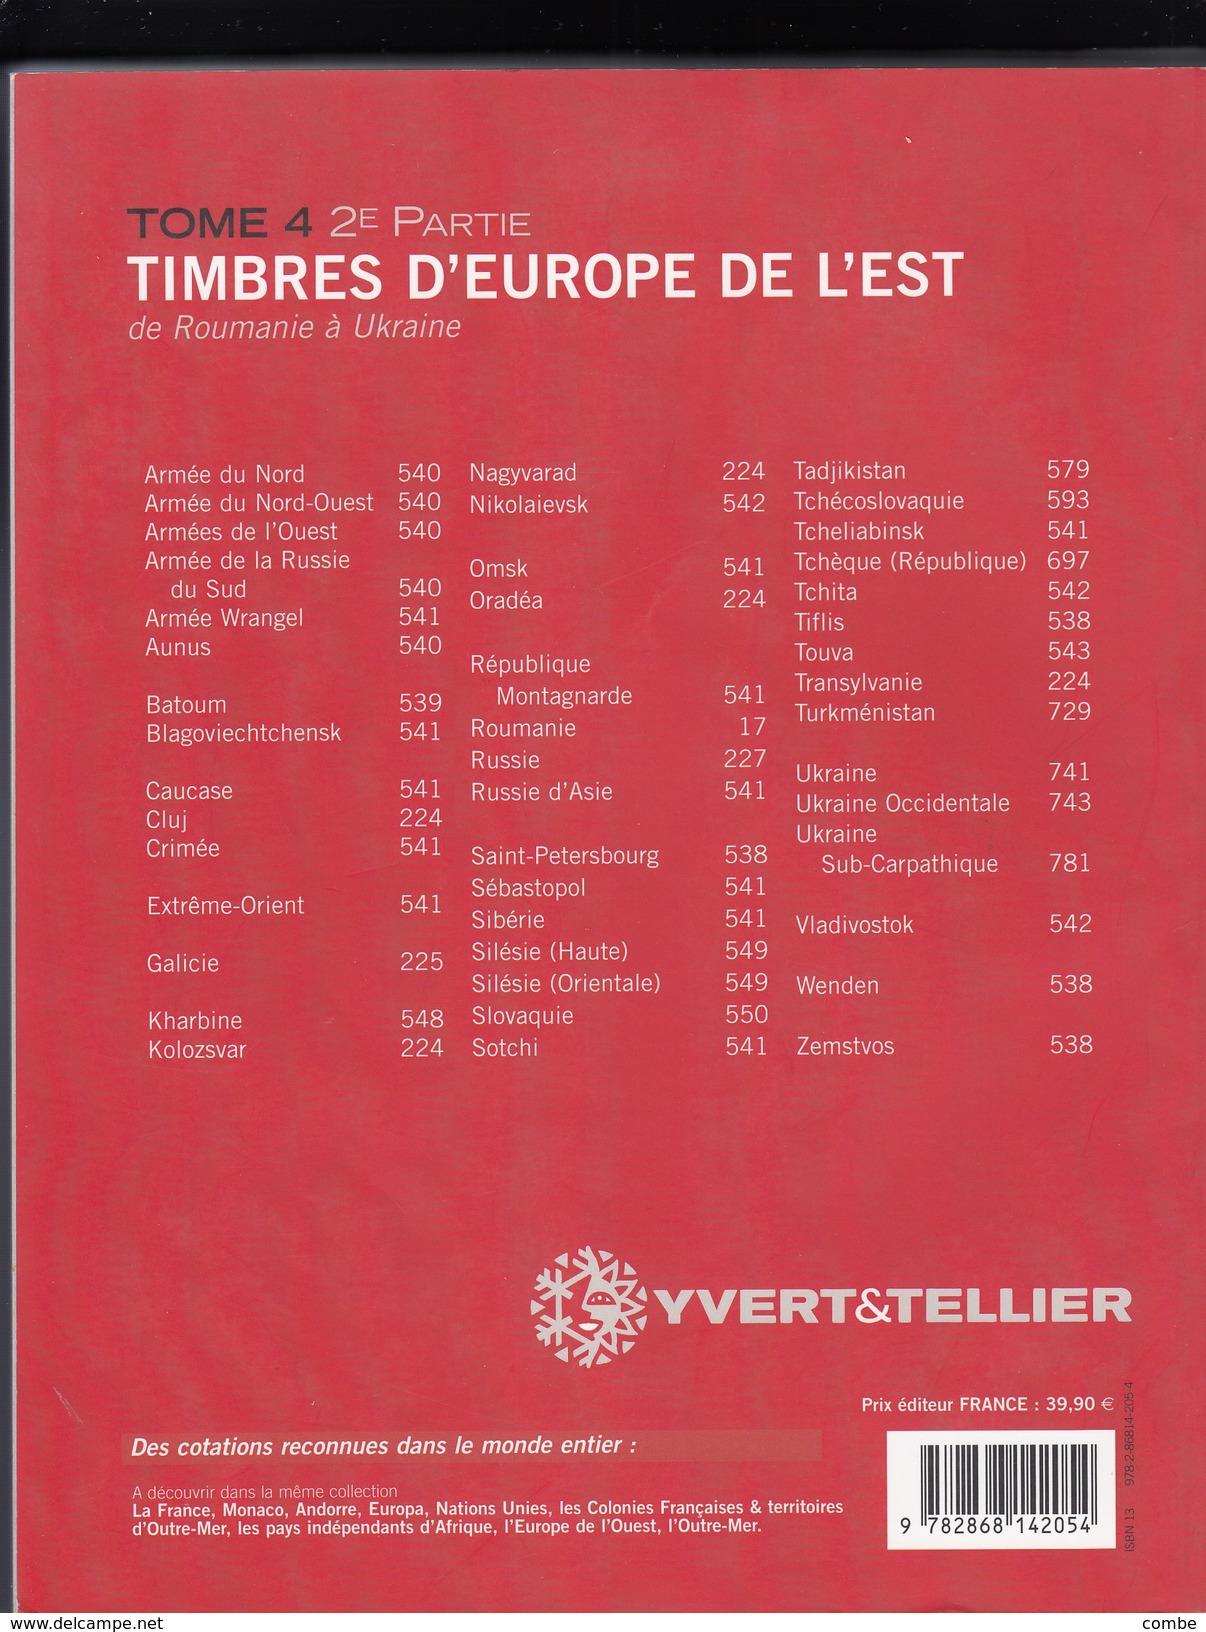 YVERT 2011 EUROPE DE L'EST TOME 4. 2° PARTIE.  DE ROUMANIE A UKRAINE - Frankreich